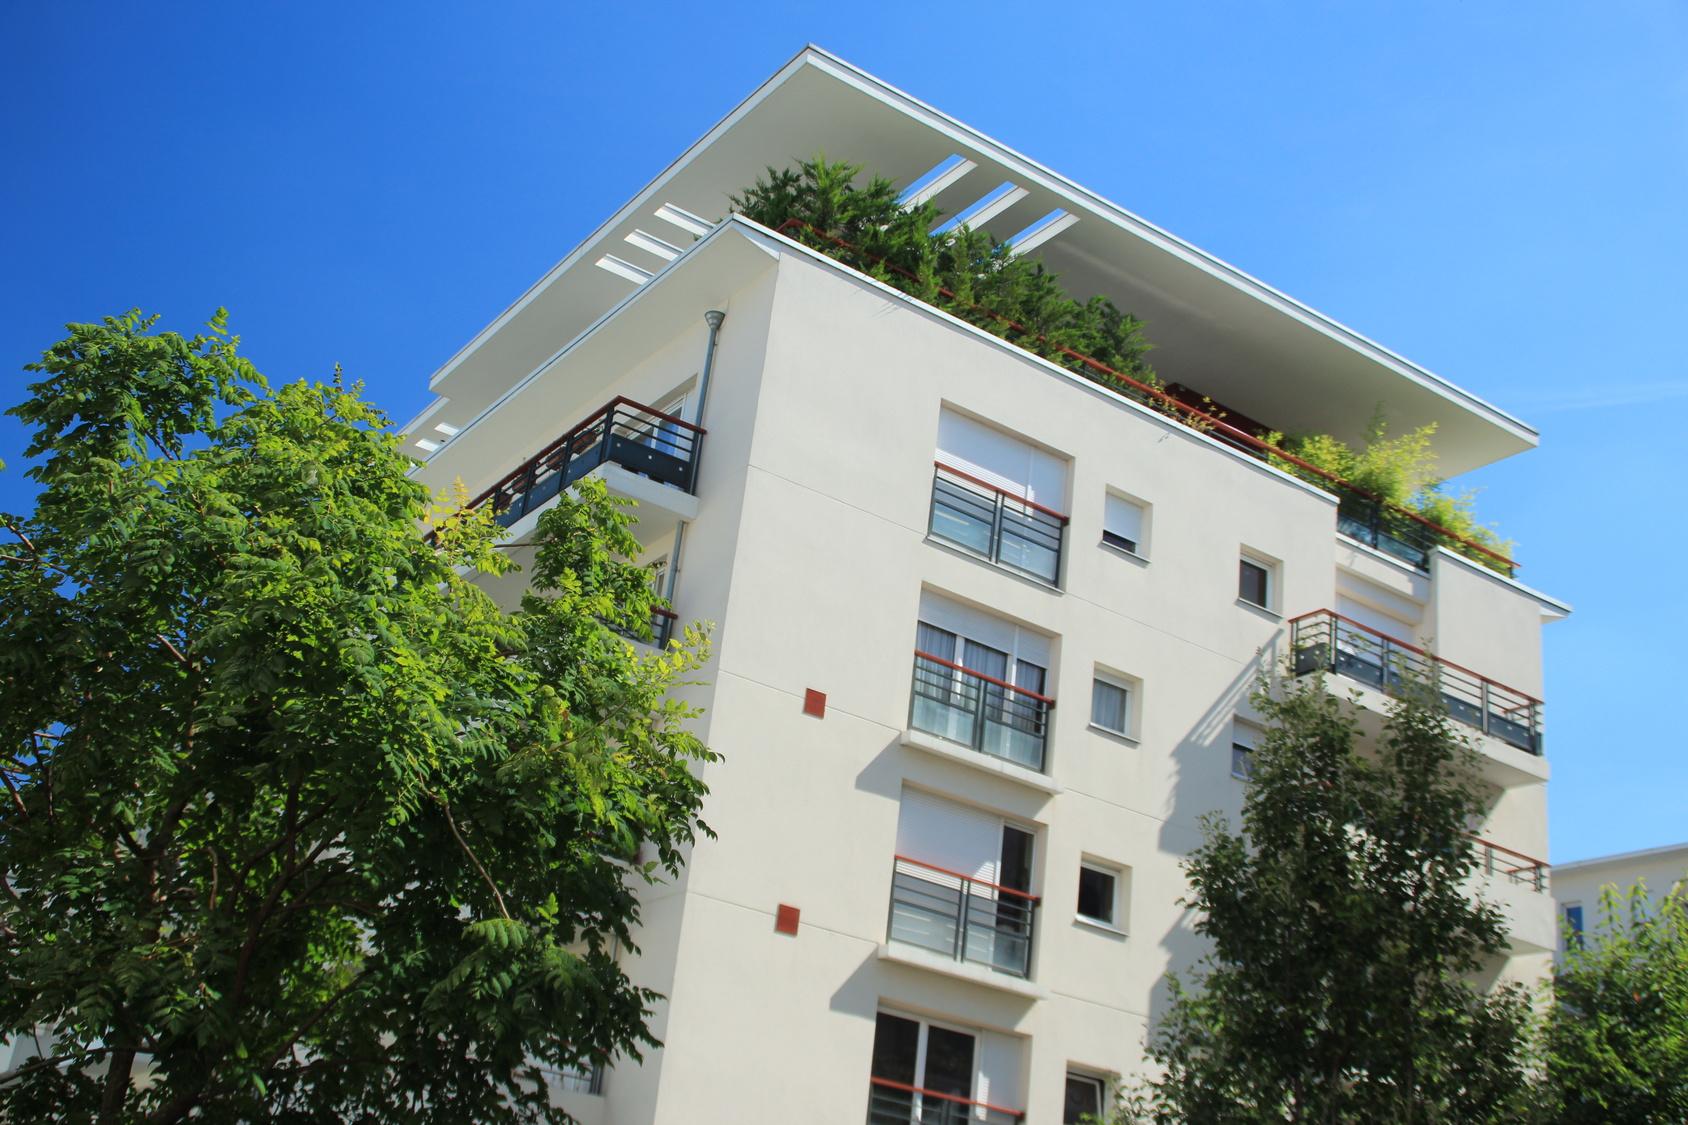 Investissement locatif Pinel : la condition de mixité locataires/propriétaires occupants bientôt abrogée